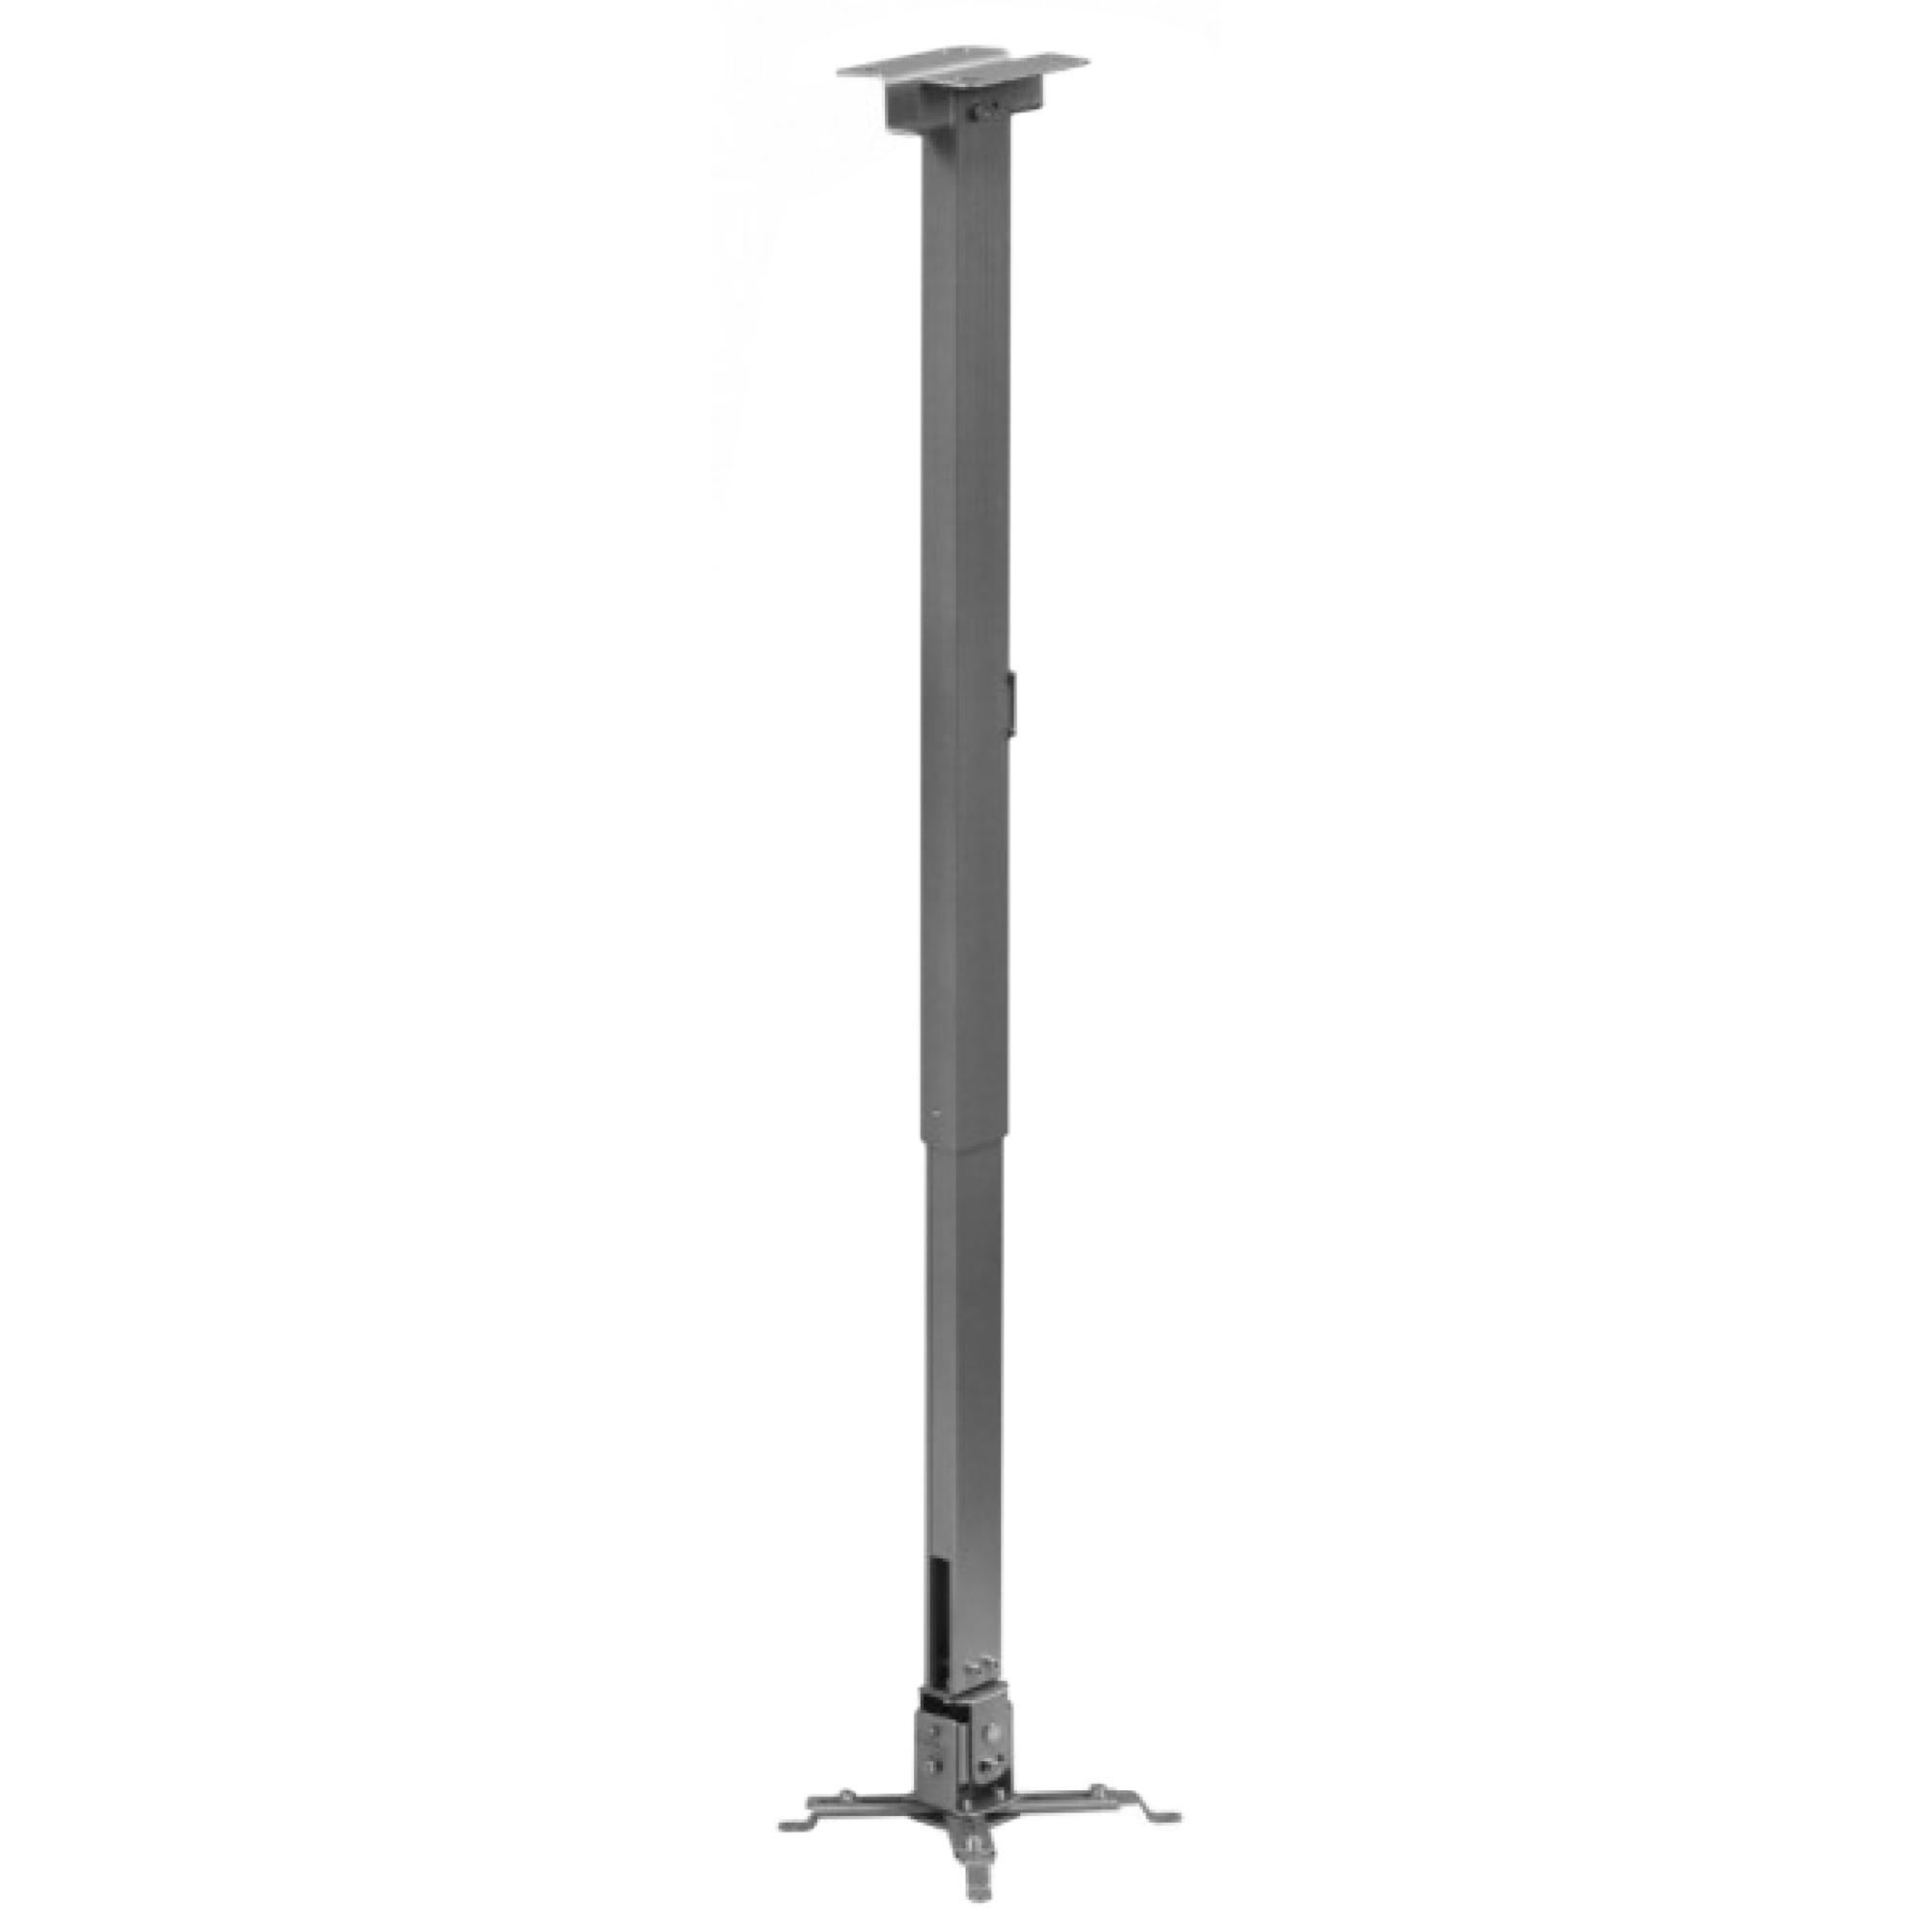 Accesoriu proiector Sopar Suport de tavan Tapa 23059 argintiu